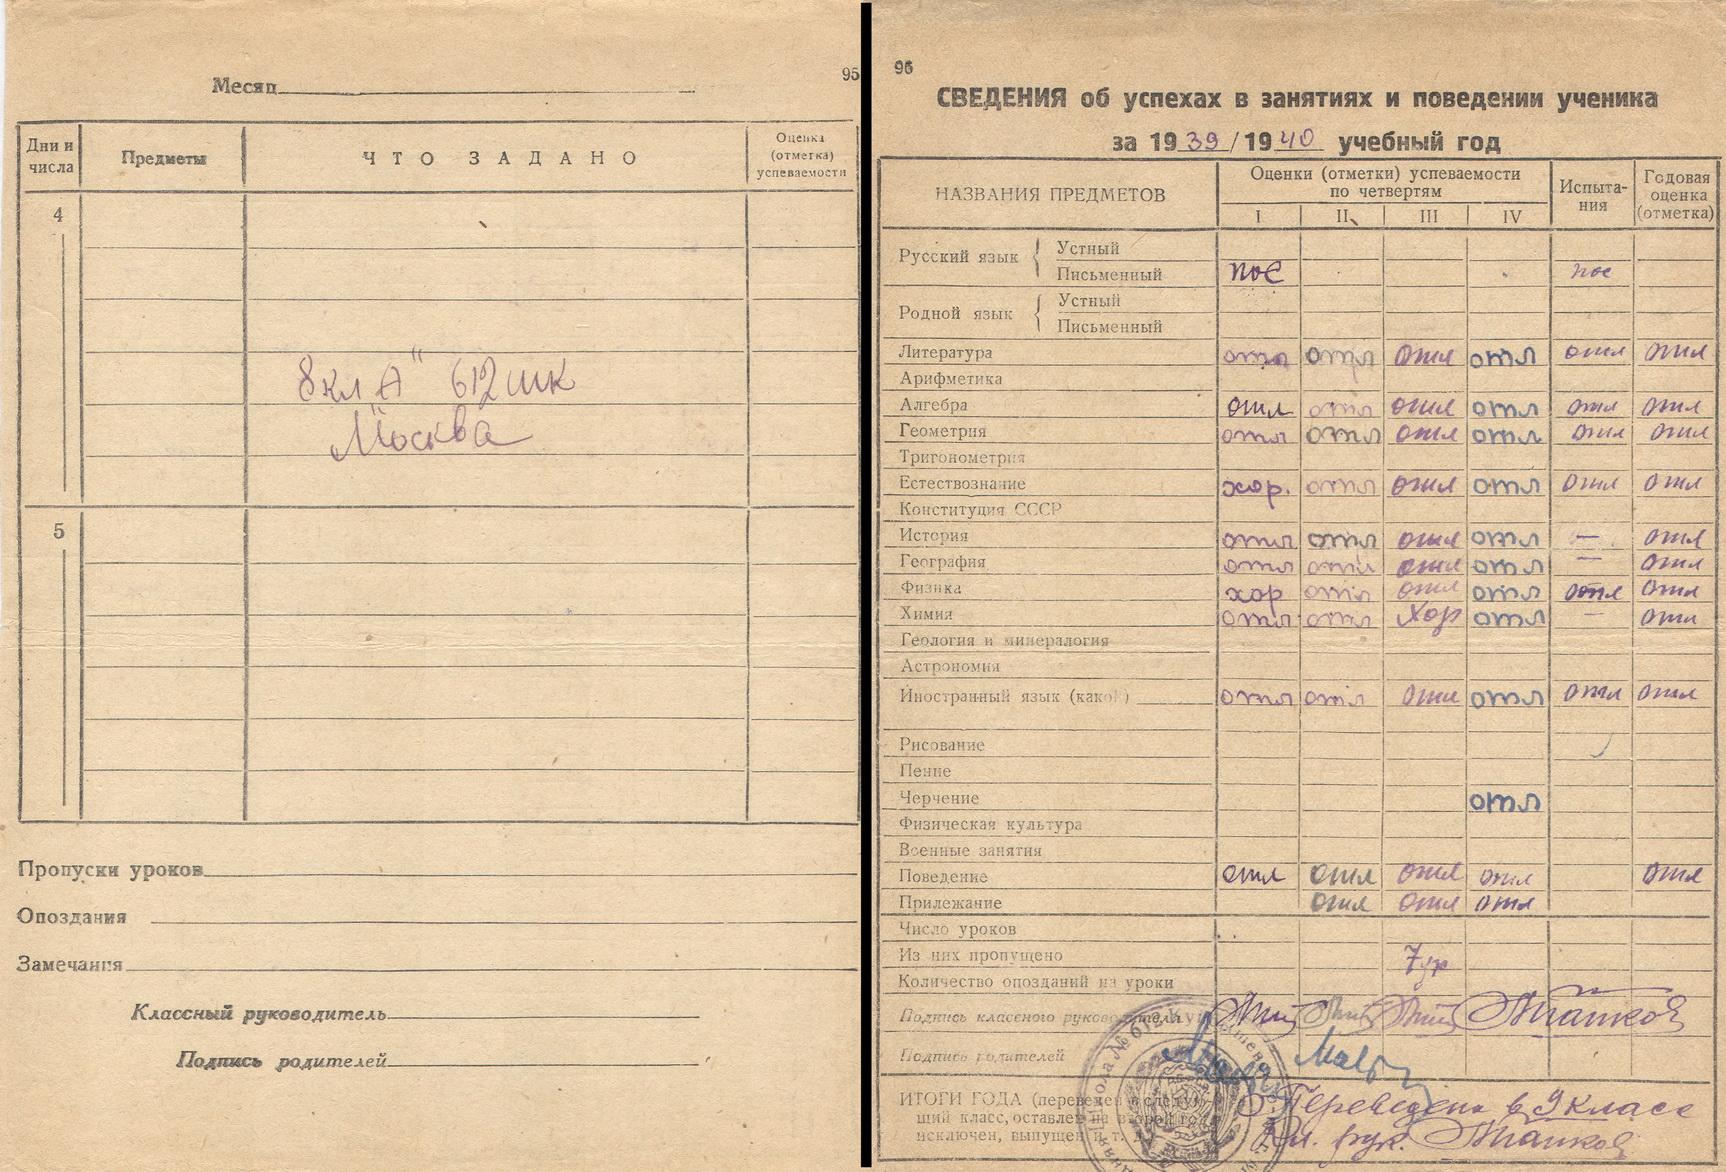 Tabel - 1939-40 - 8 klass_resize